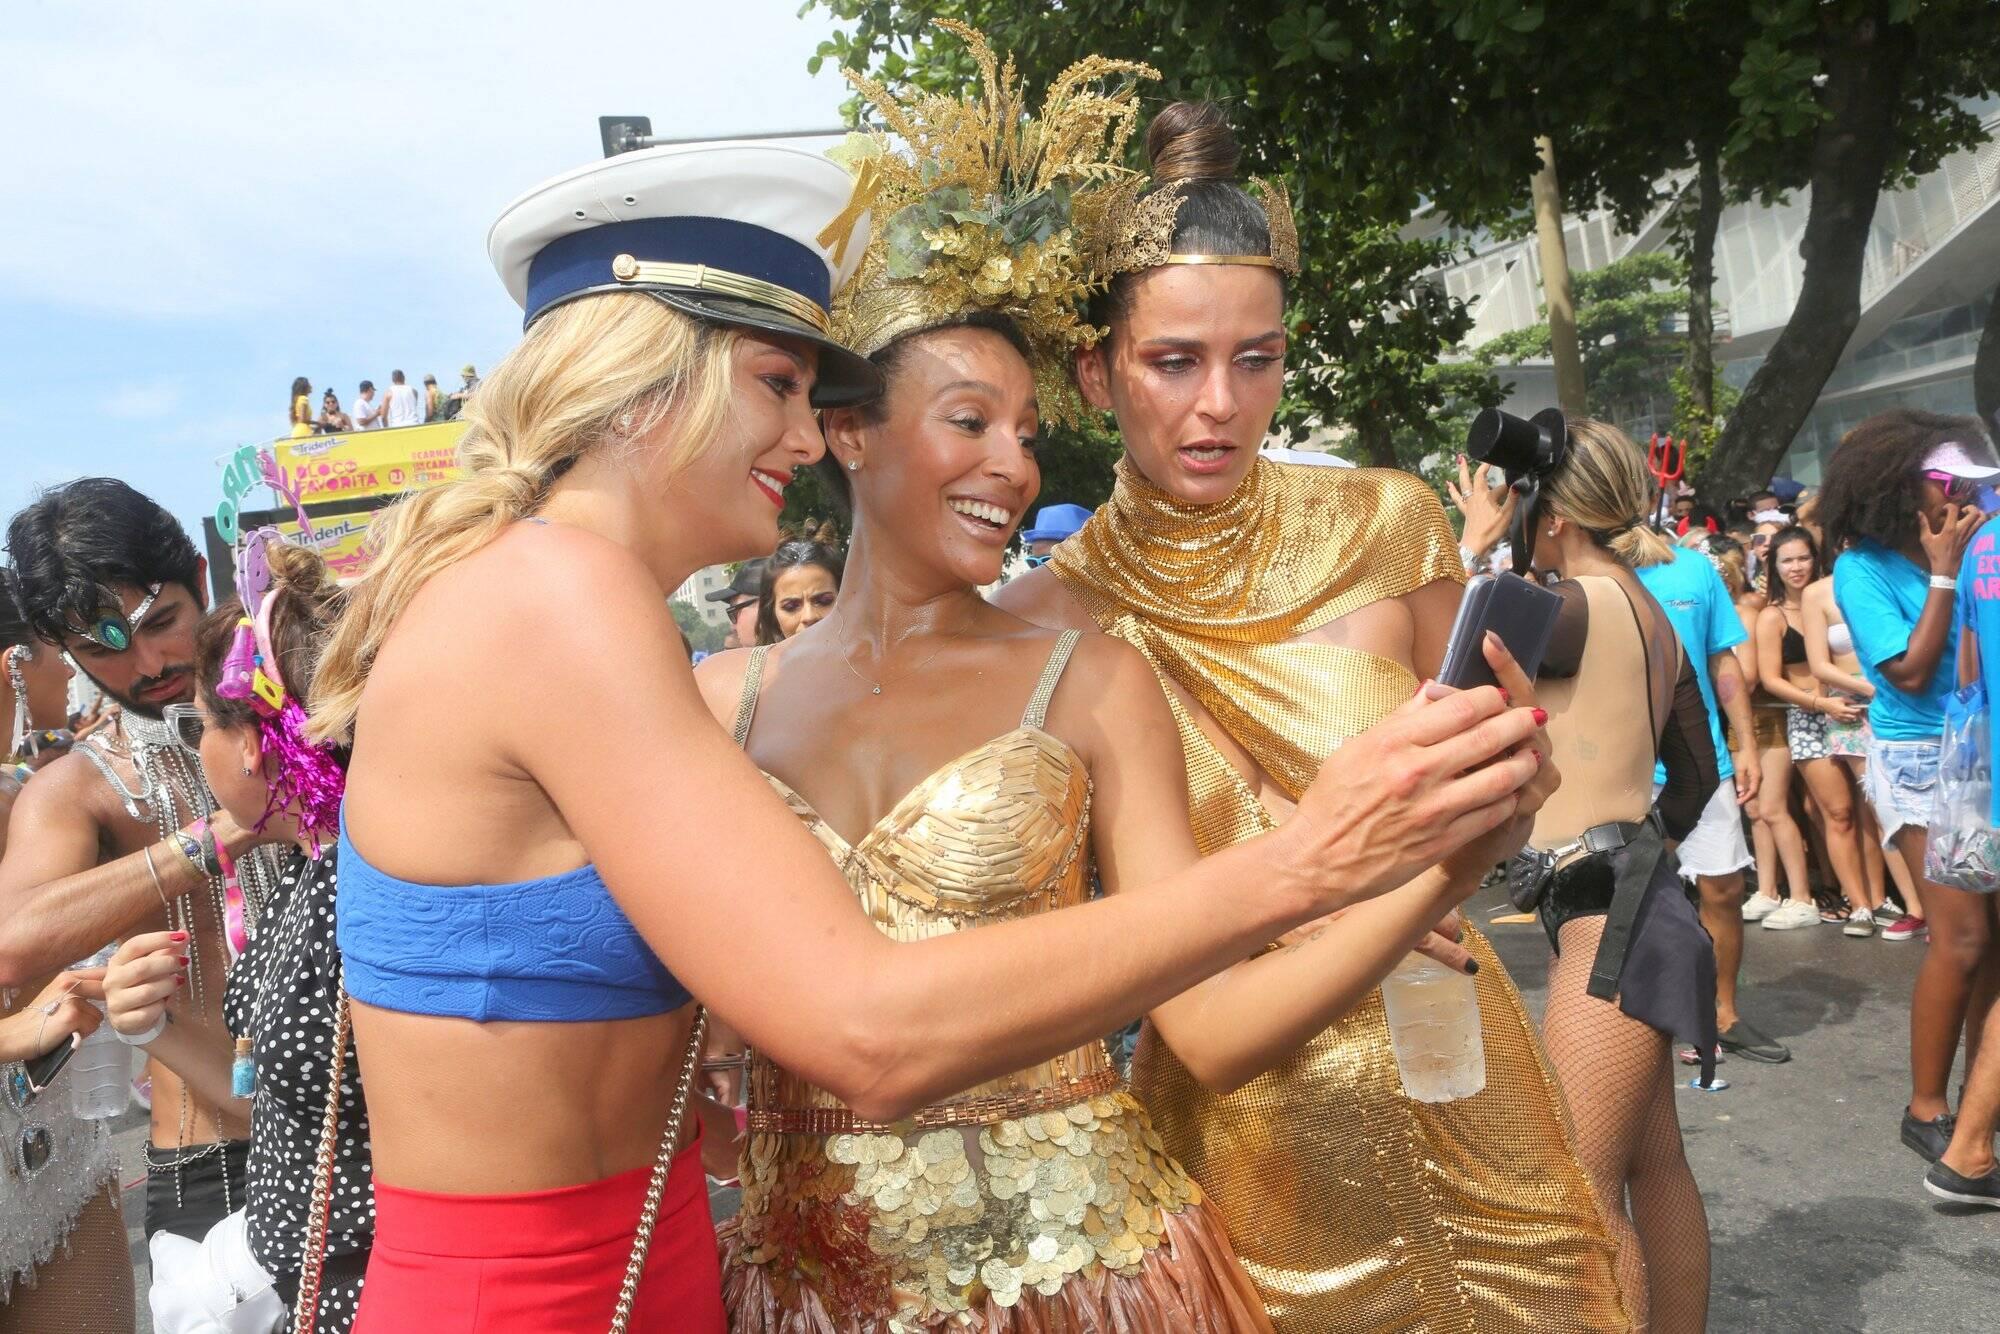 Aquela pausa para checar se a foto saiu boa durante desfile do Bloco da Favorita neste sábado, no Rio de Janeiro. Foto: RT Fotografia/Brazil News/CS Eventos